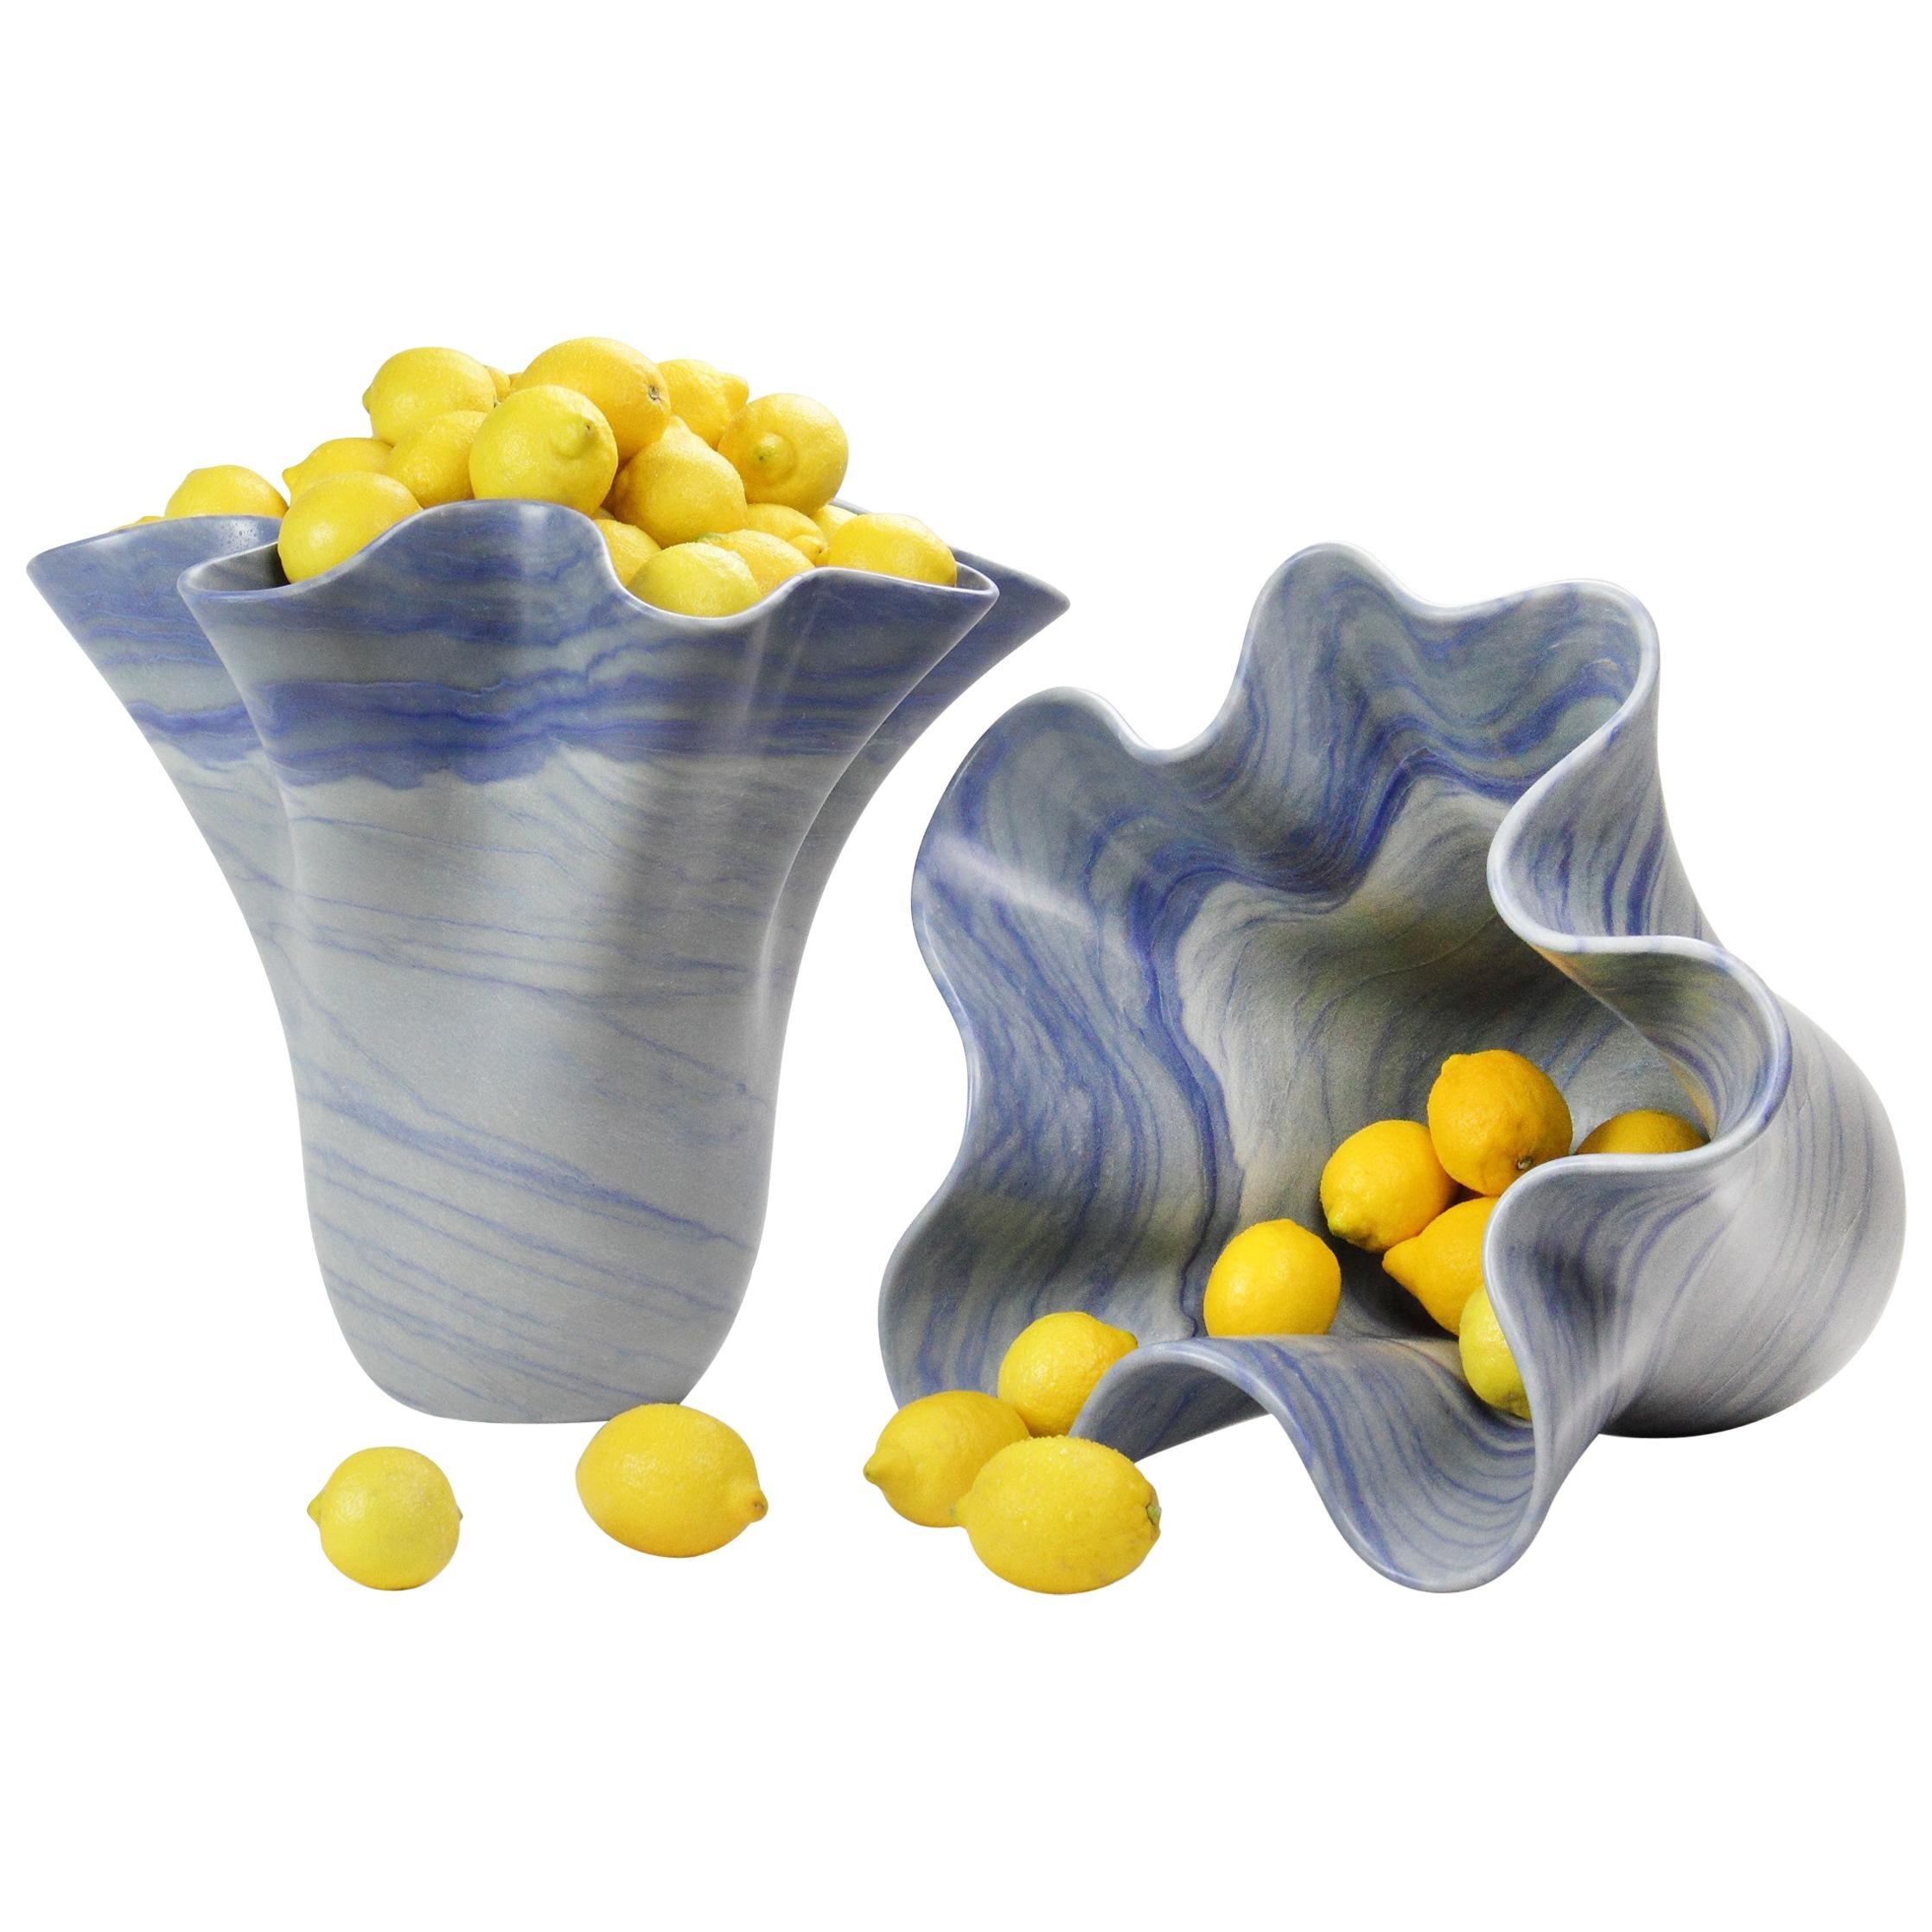 Vase Sculpture Handmade of Solid Block of Azul Macaubas Quartzite Pieruga, Italy